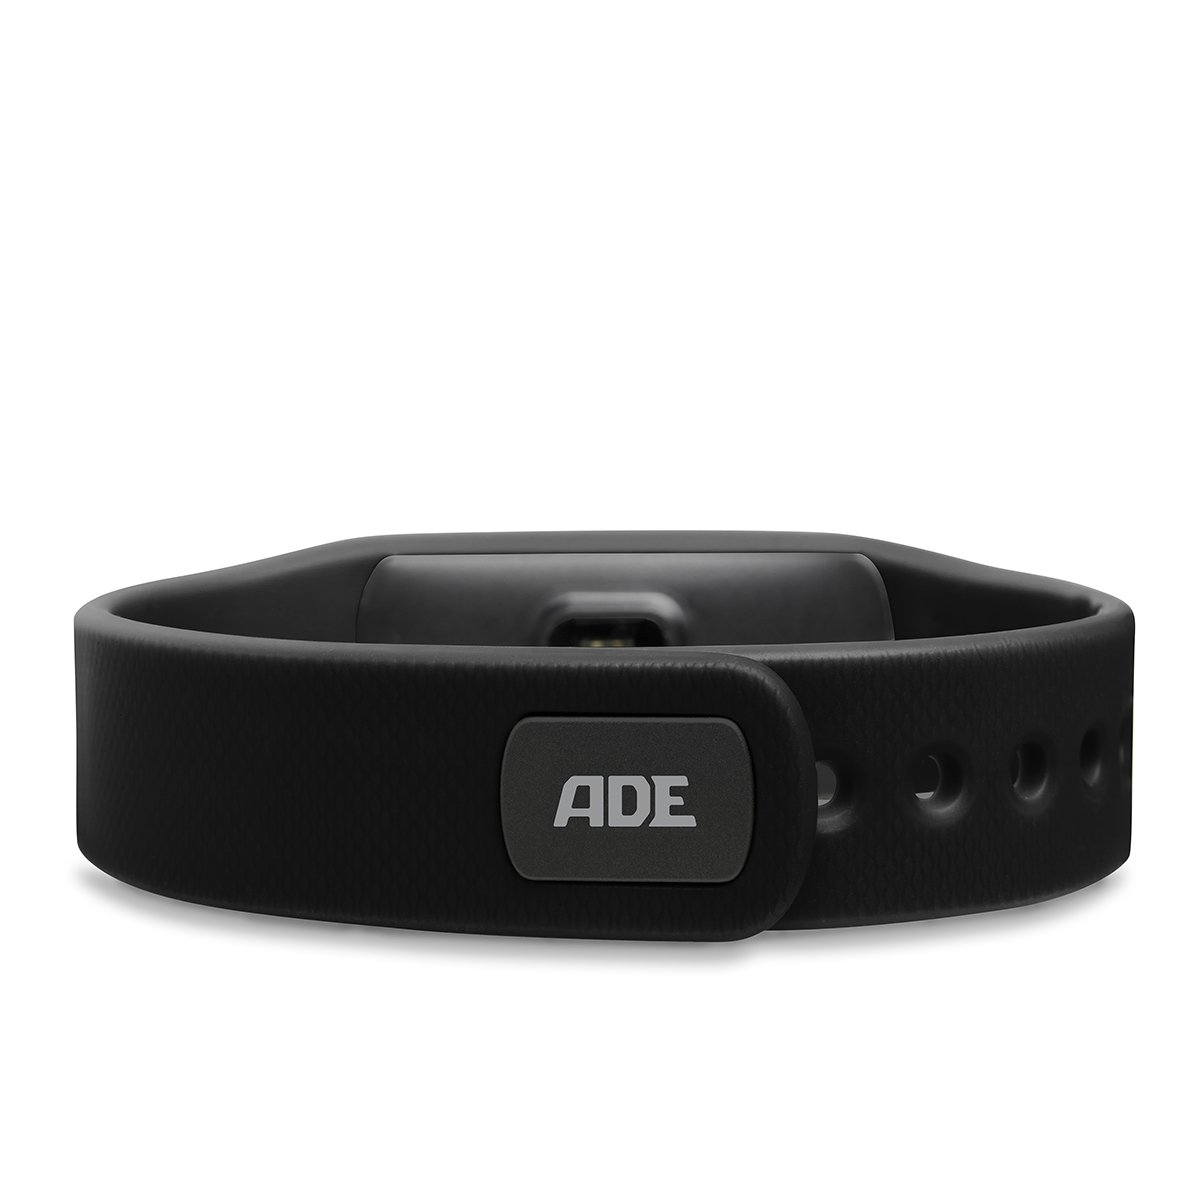 ADE AM1700 Pulsera Inteligente, Unisex Adulto, Negro, Talla Única: Amazon.es: Deportes y aire libre